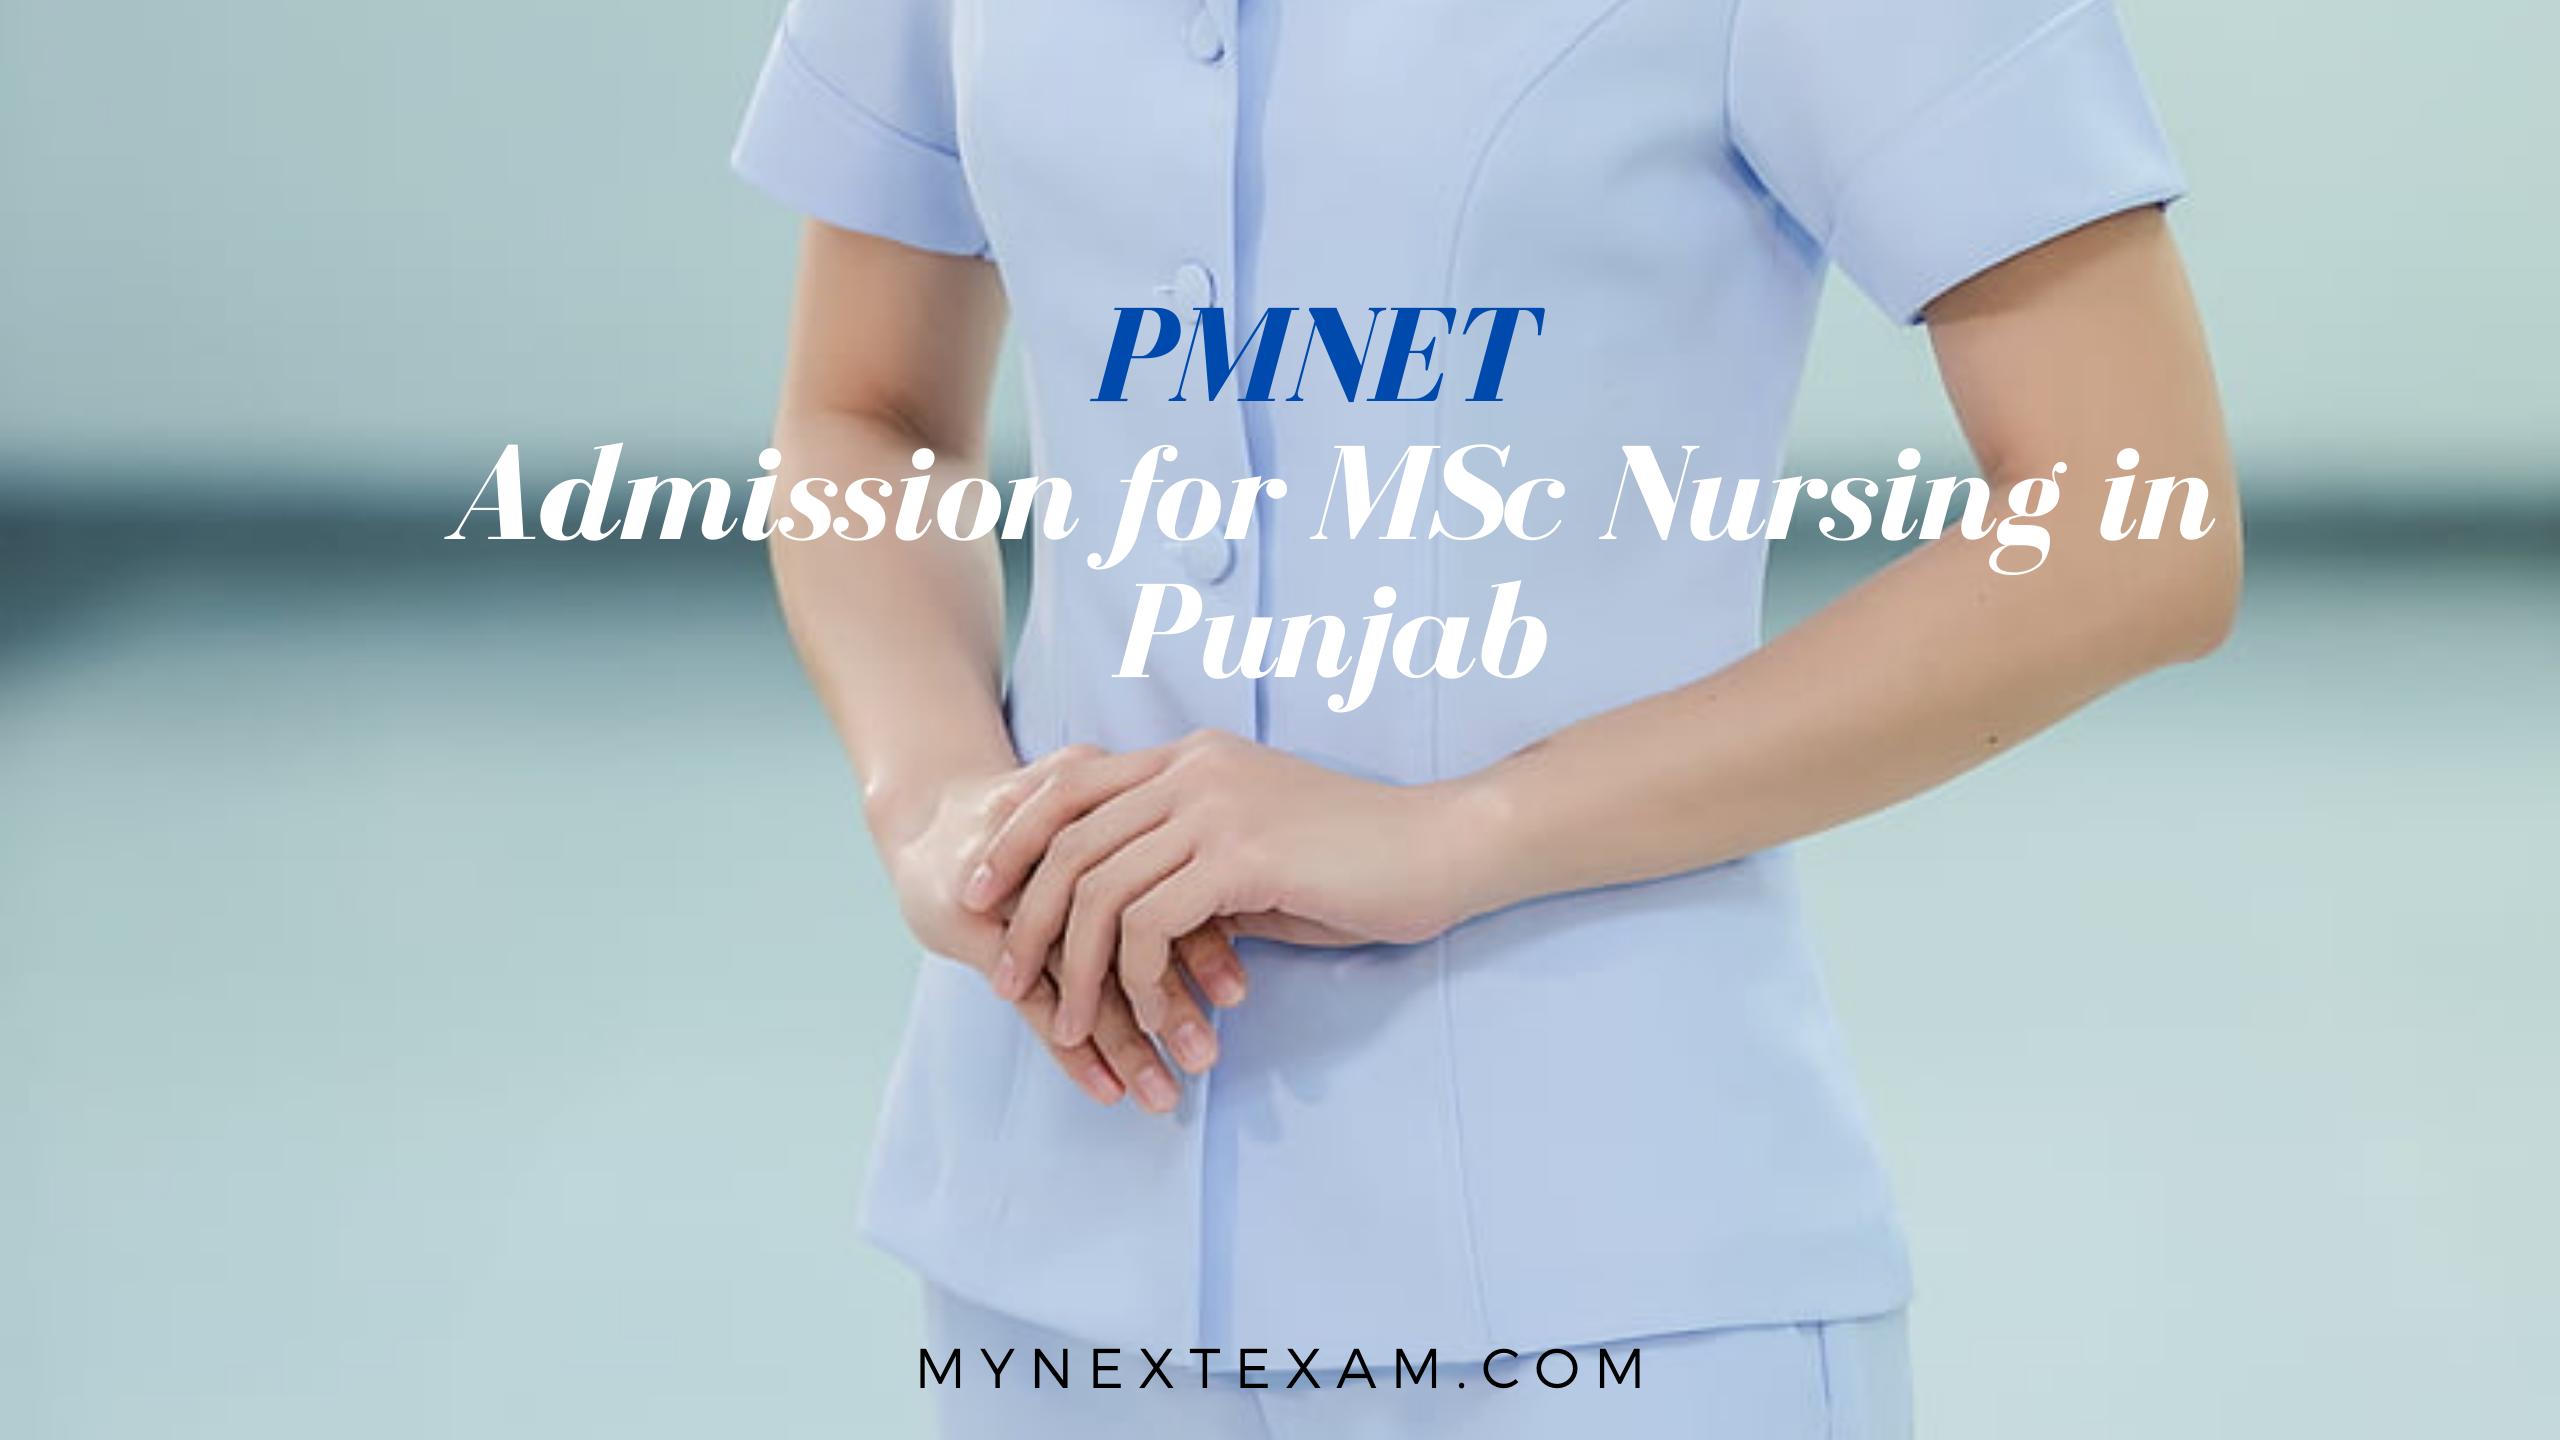 PMNET – Admission for M.Sc. Nursing in Punjab